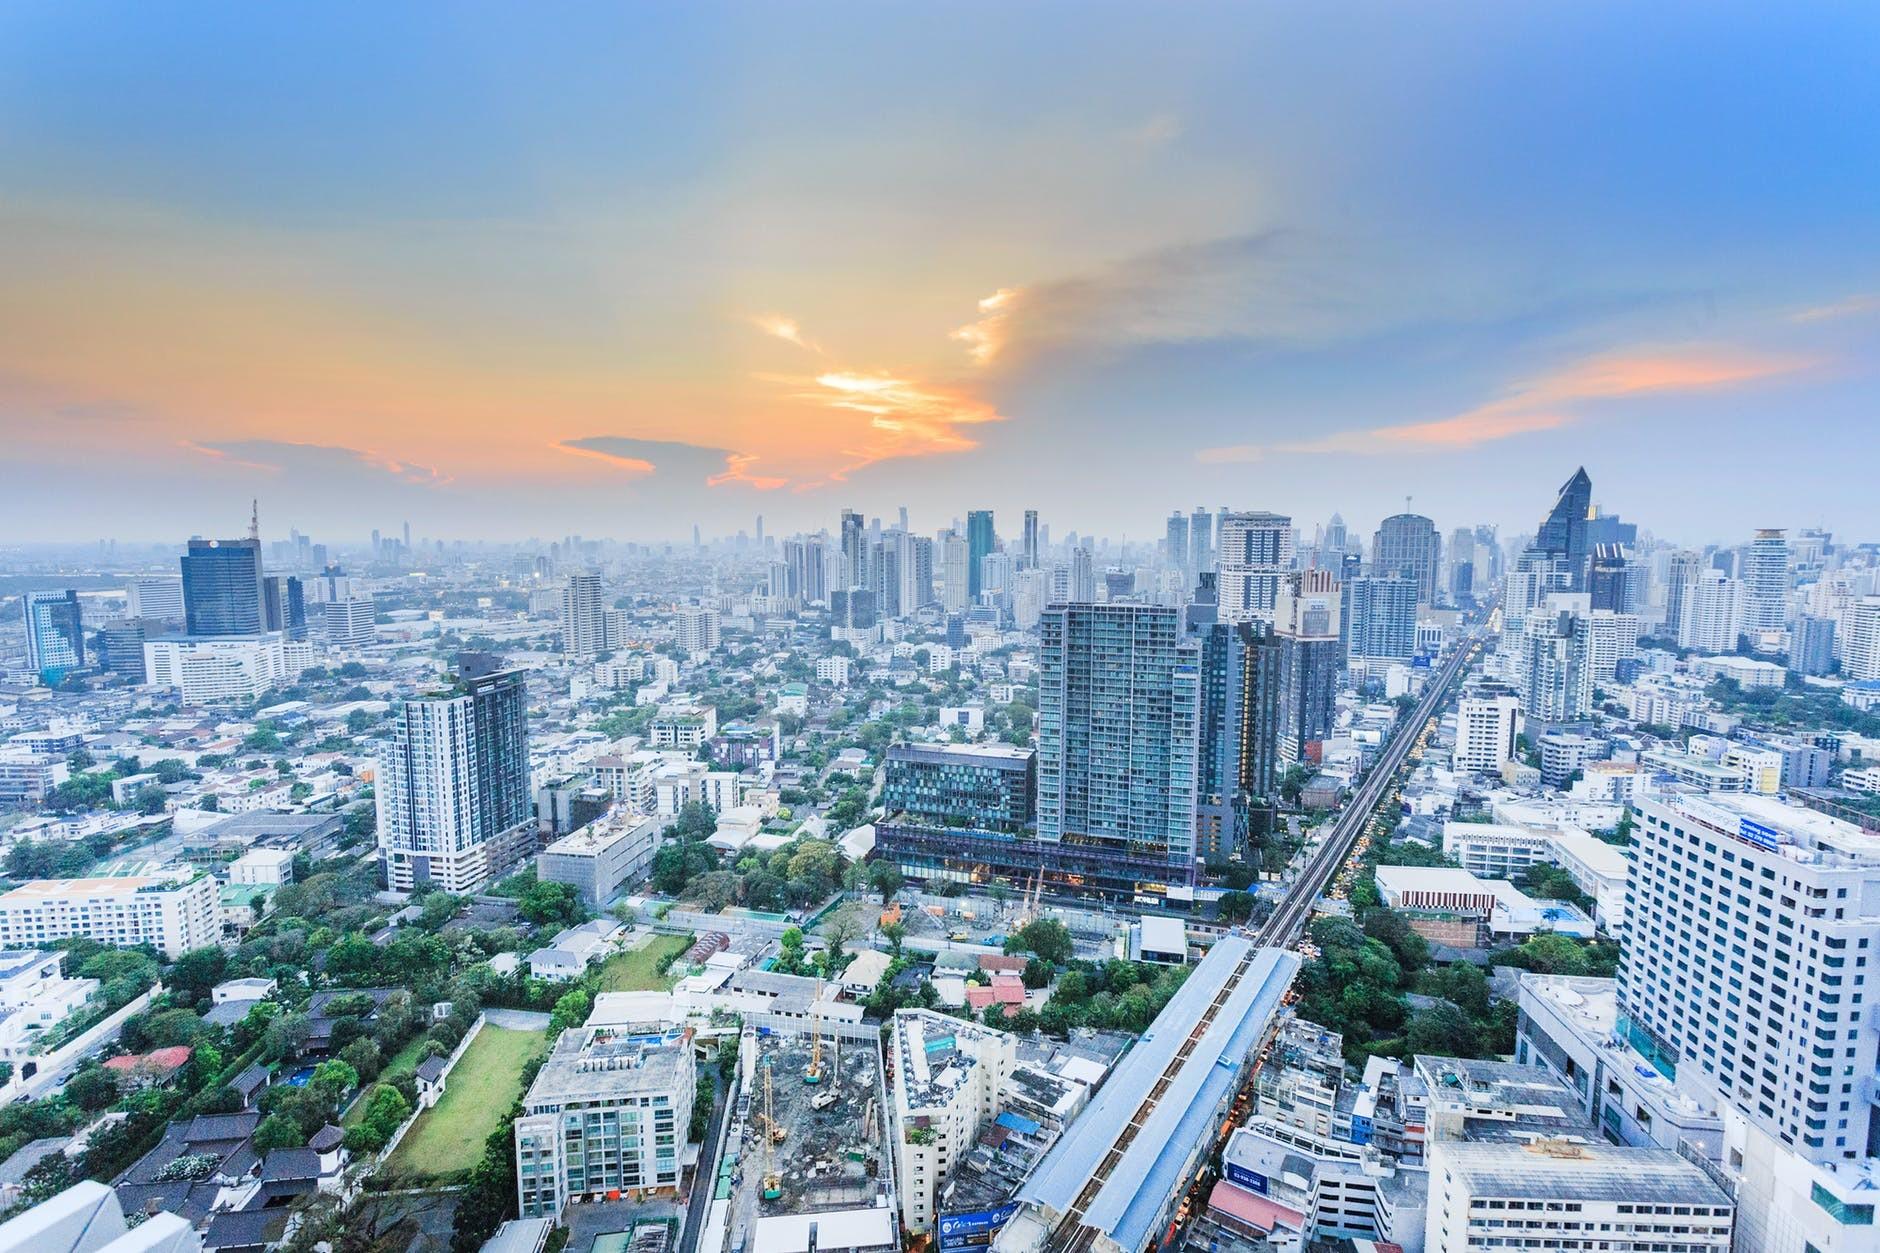 ,智慧城市,城市大脑,城市交通大脑,杭州市城市大脑,亿欧智库